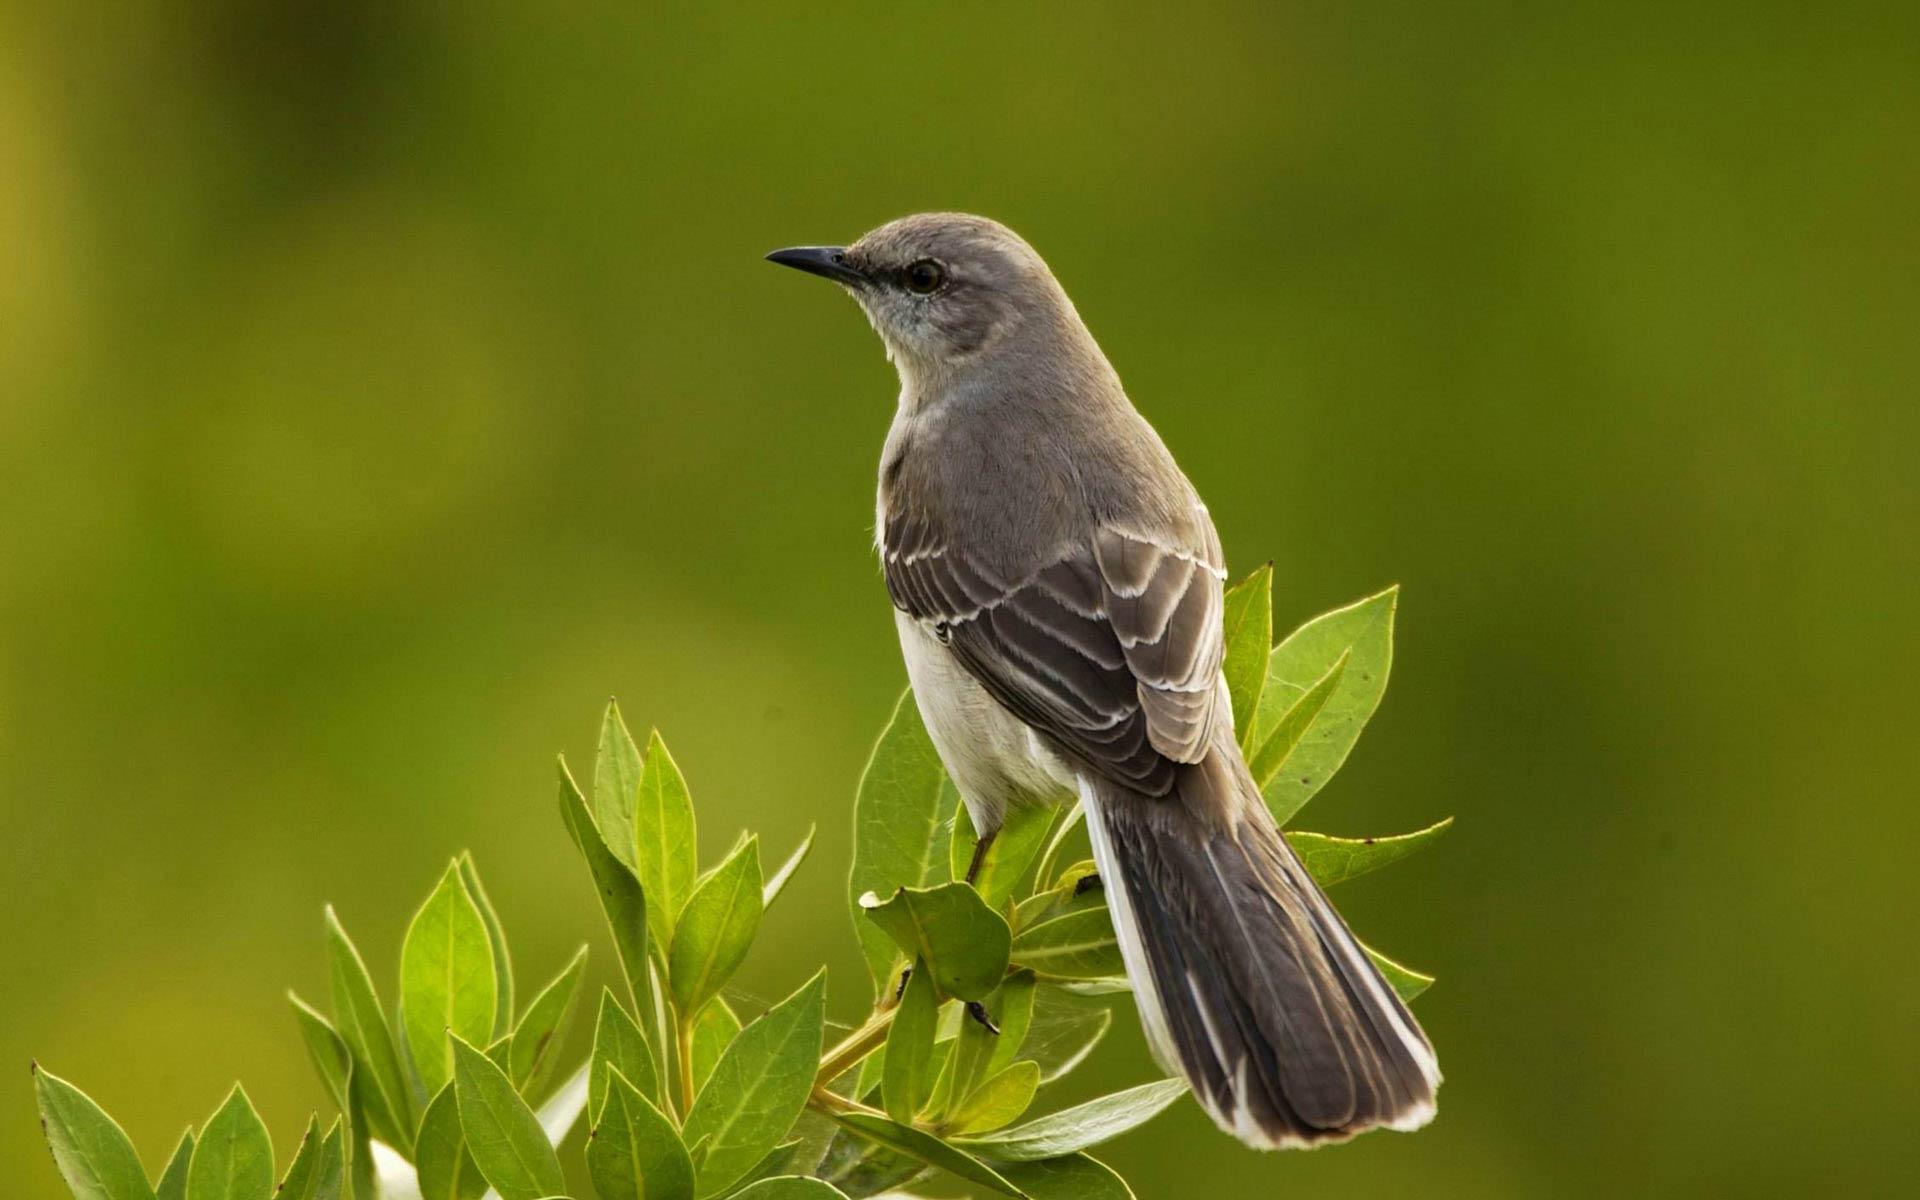 free mockingbird wallpaper wallpapers download - Mocking Bird Download